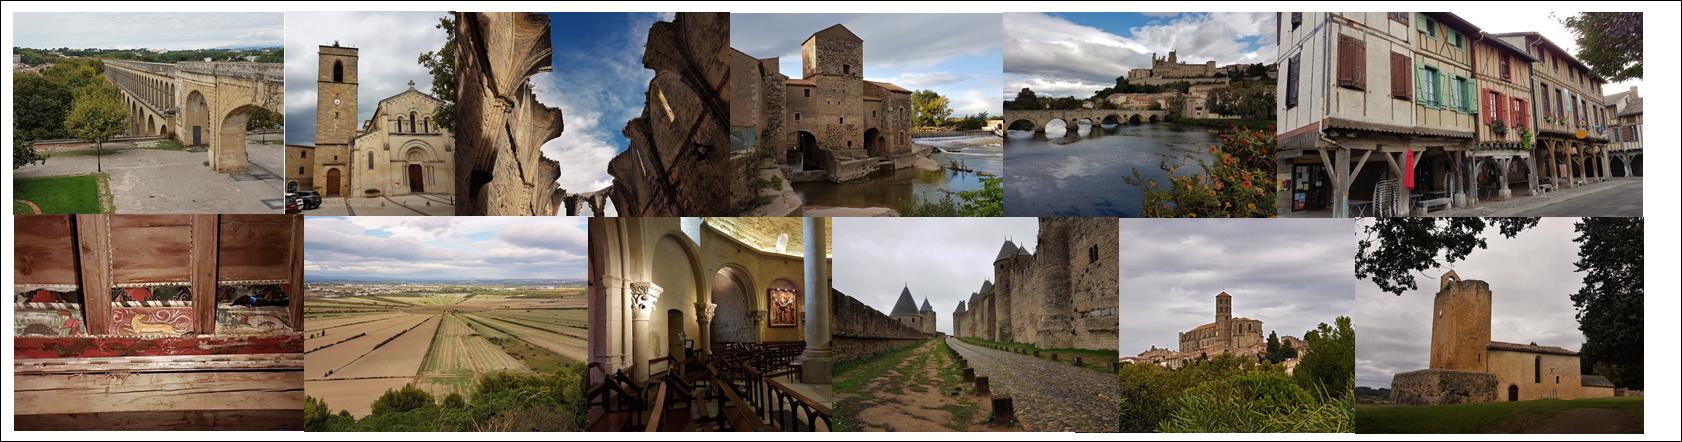 Montpellier, Fabregues, abbaye Félix de Monceau, St Thibéry, Béziers, Mirepoix, Capestang, Rieux Minervois, Carcassonne, Montréal, Vals (église rupestre).